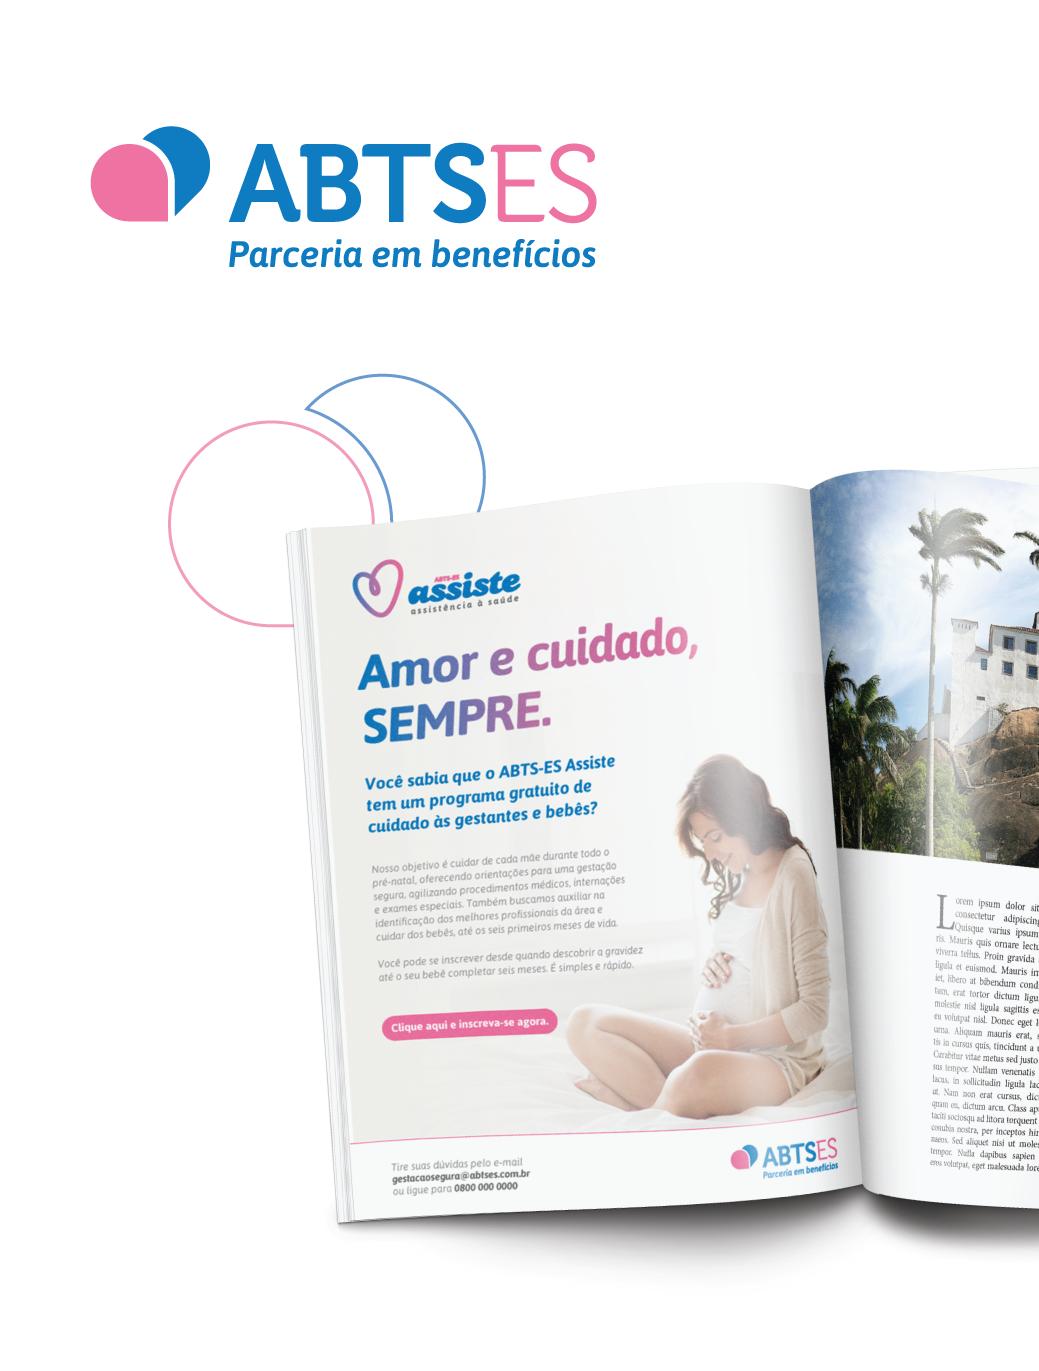 WCE-Portifolio-ABTS_Anuncios